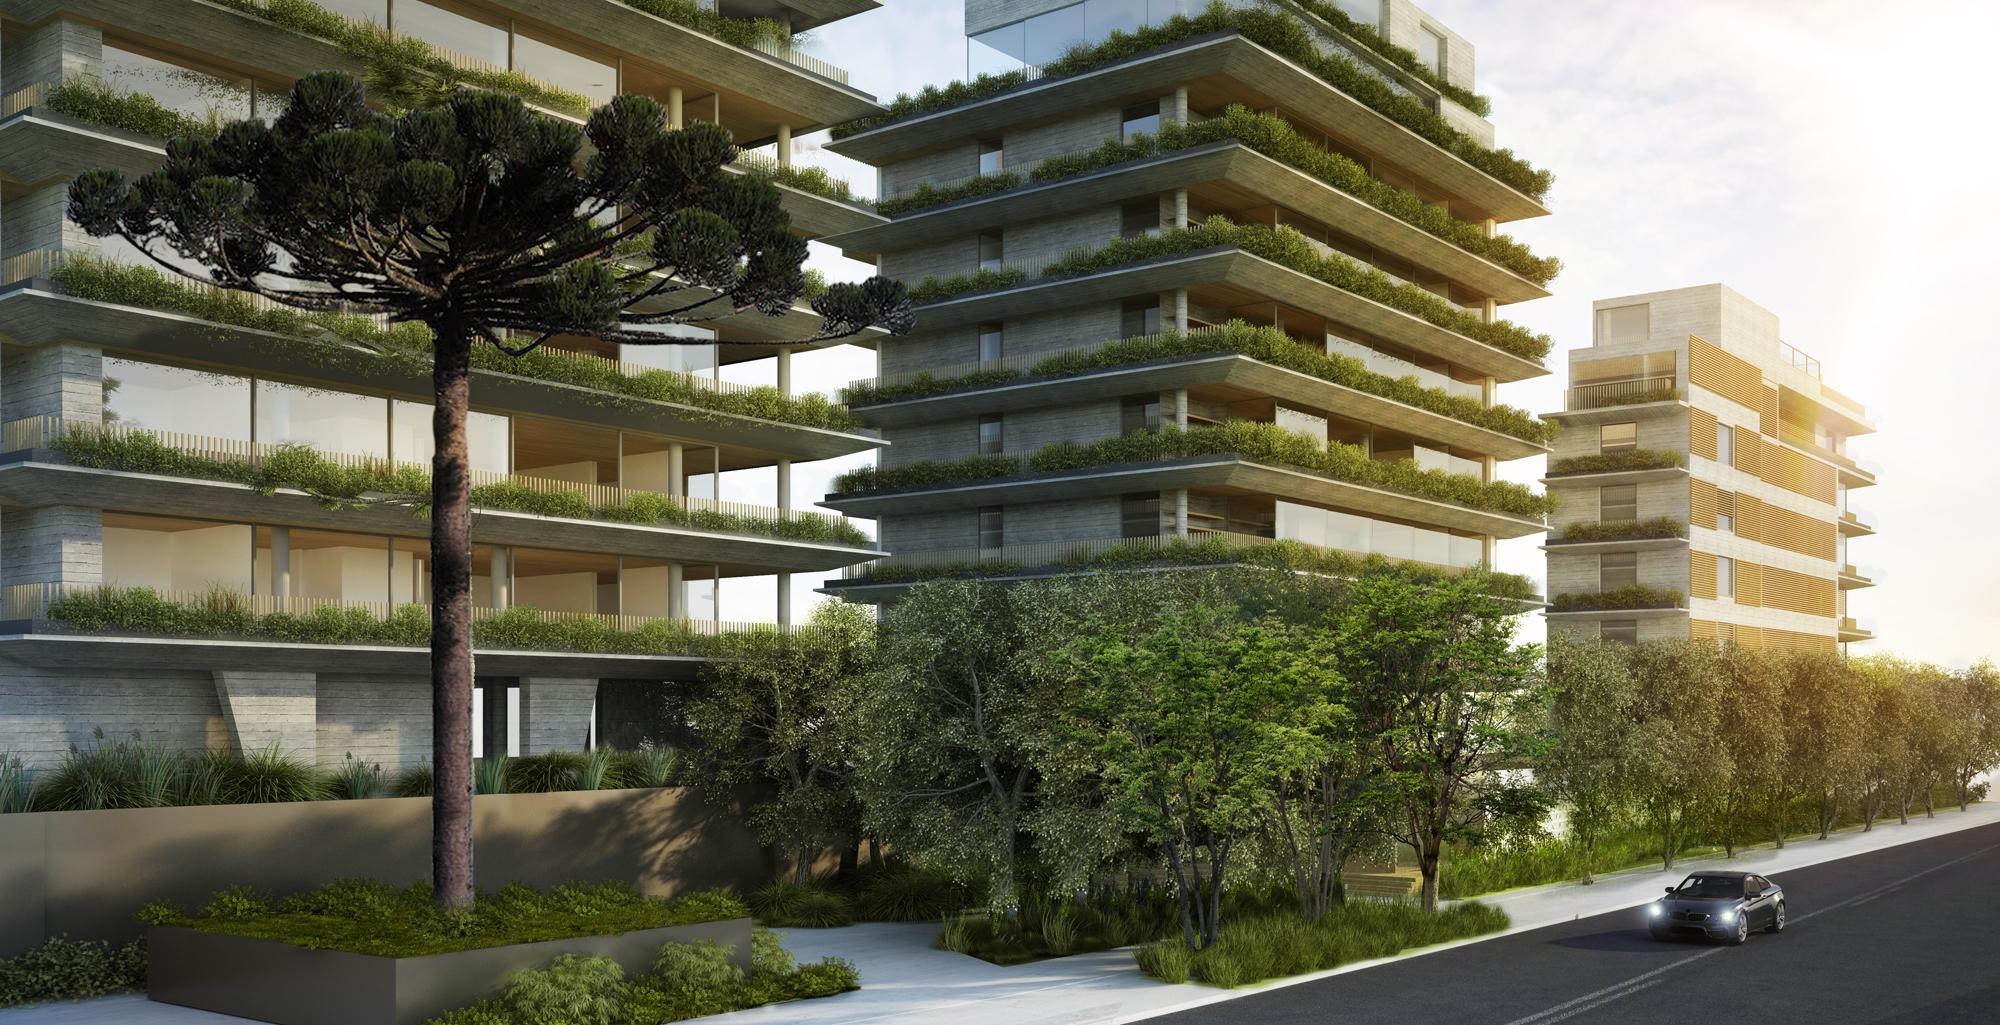 Residencial Ícaro Jardins do Graciosa, no bairro Cabral, em Curitiba, adota o conceito de casas suspensas. Imagem: Divulgação